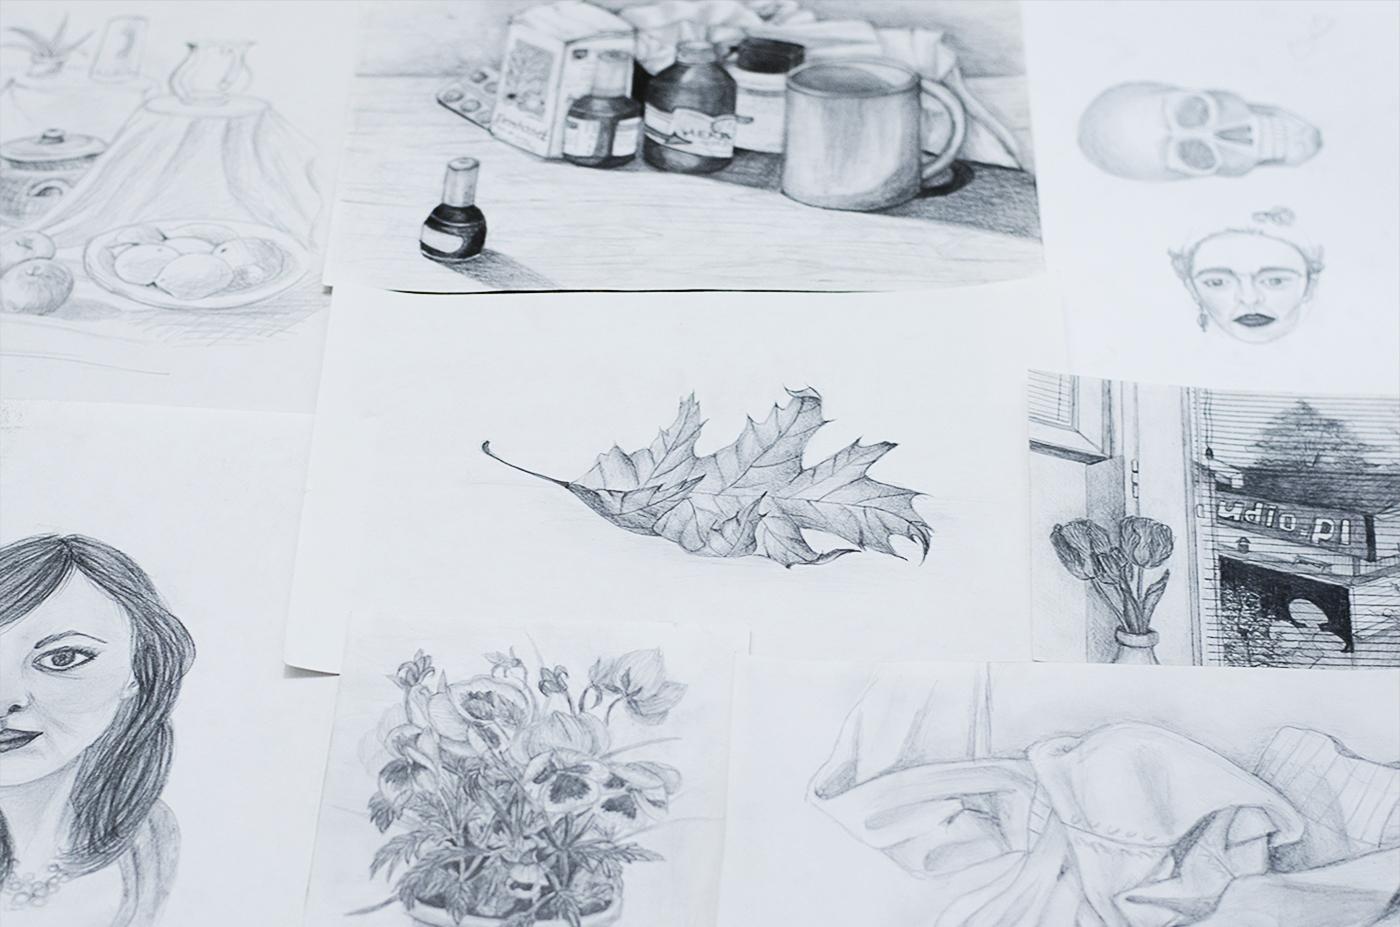 Jak nauczyć się rysować? Czerp inspiracje z otoczenia